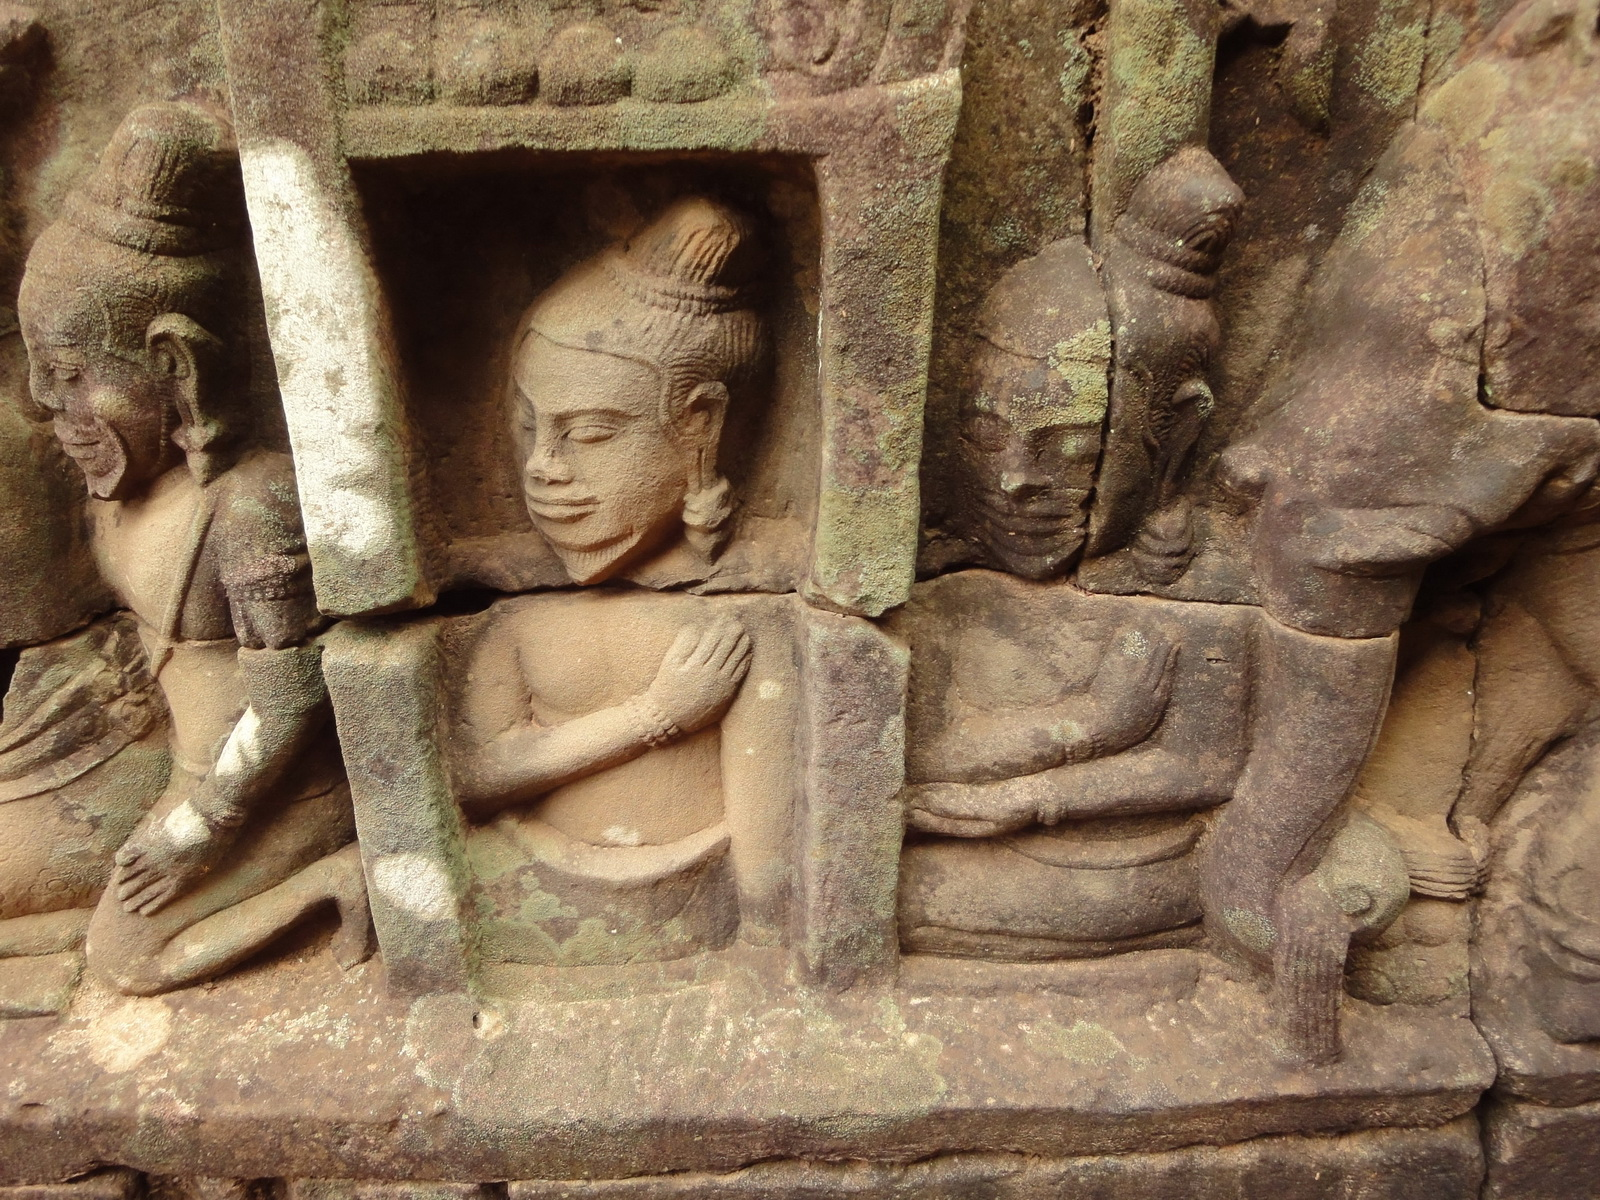 Leper King Terrace hidden wall underworld Nagas and deities 005